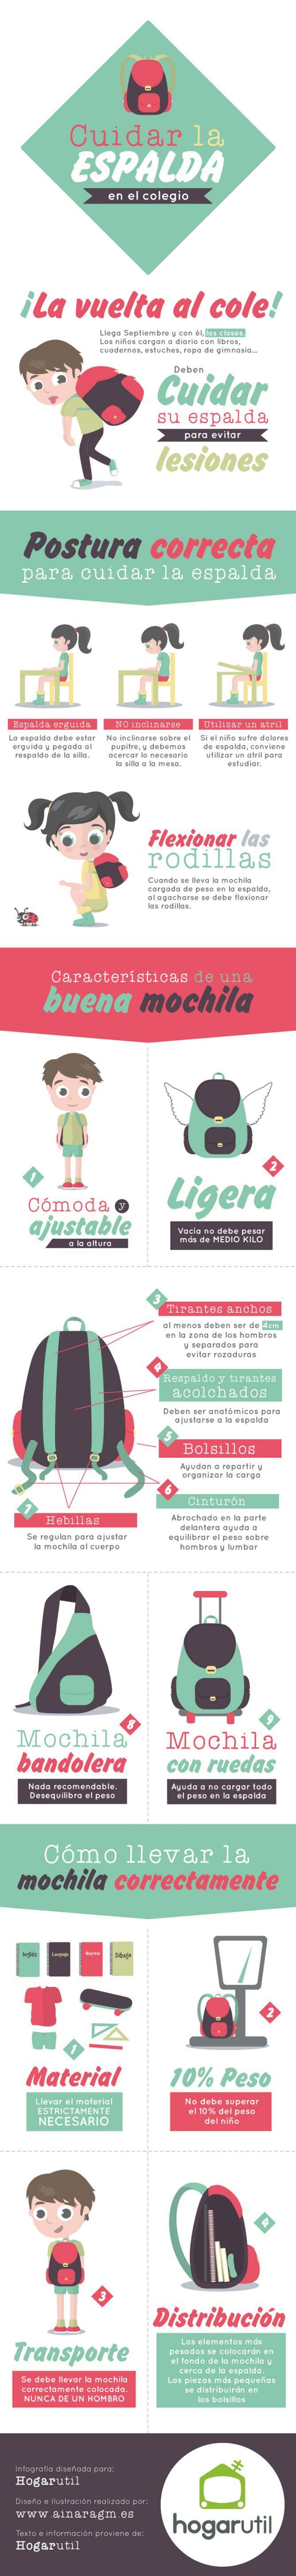 Infografía sobre cómo cuidar la espalda de los niños a la hora de ir al colegio